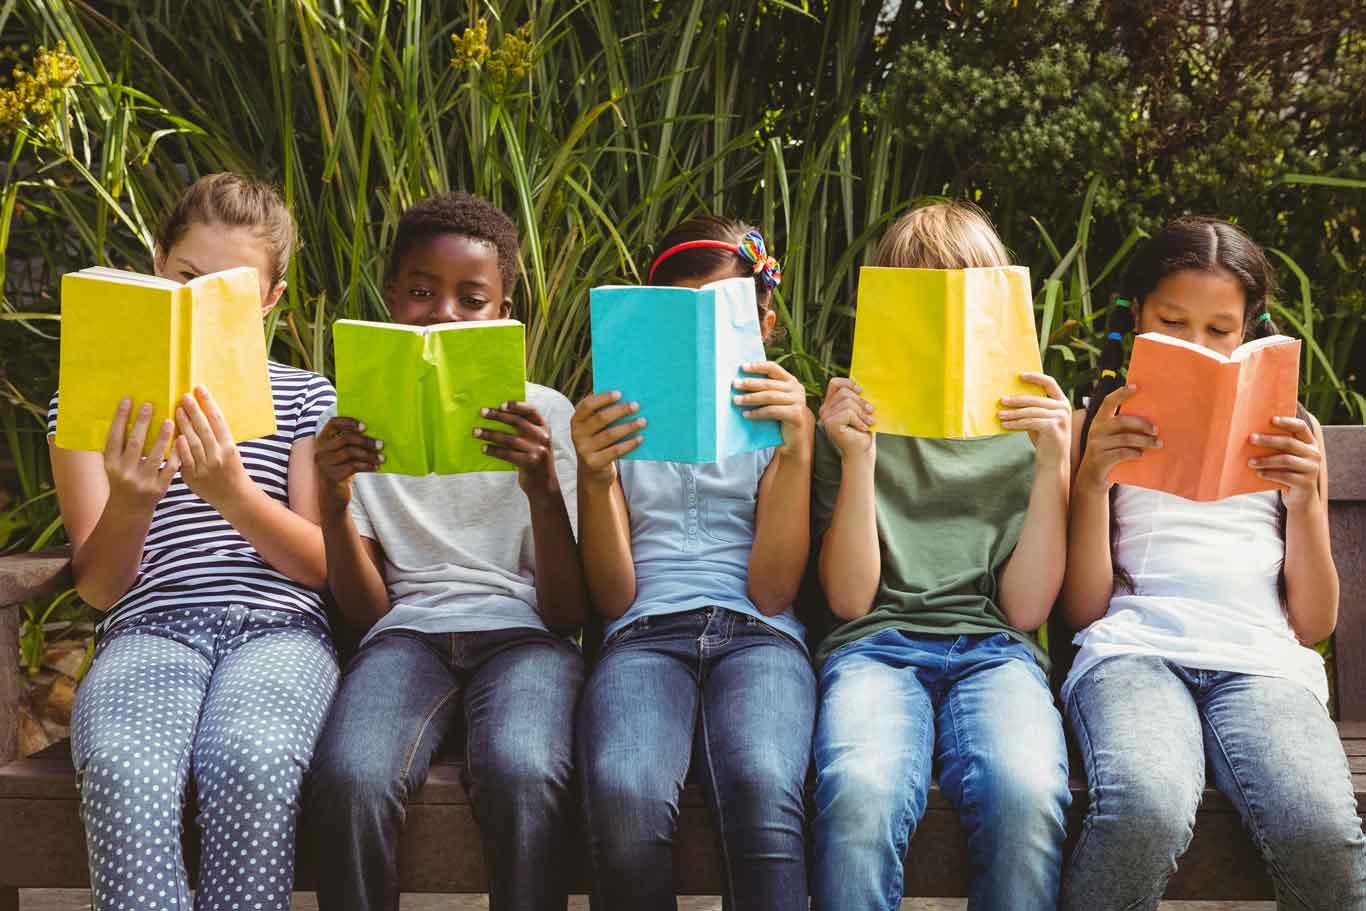 Children's Learning Development